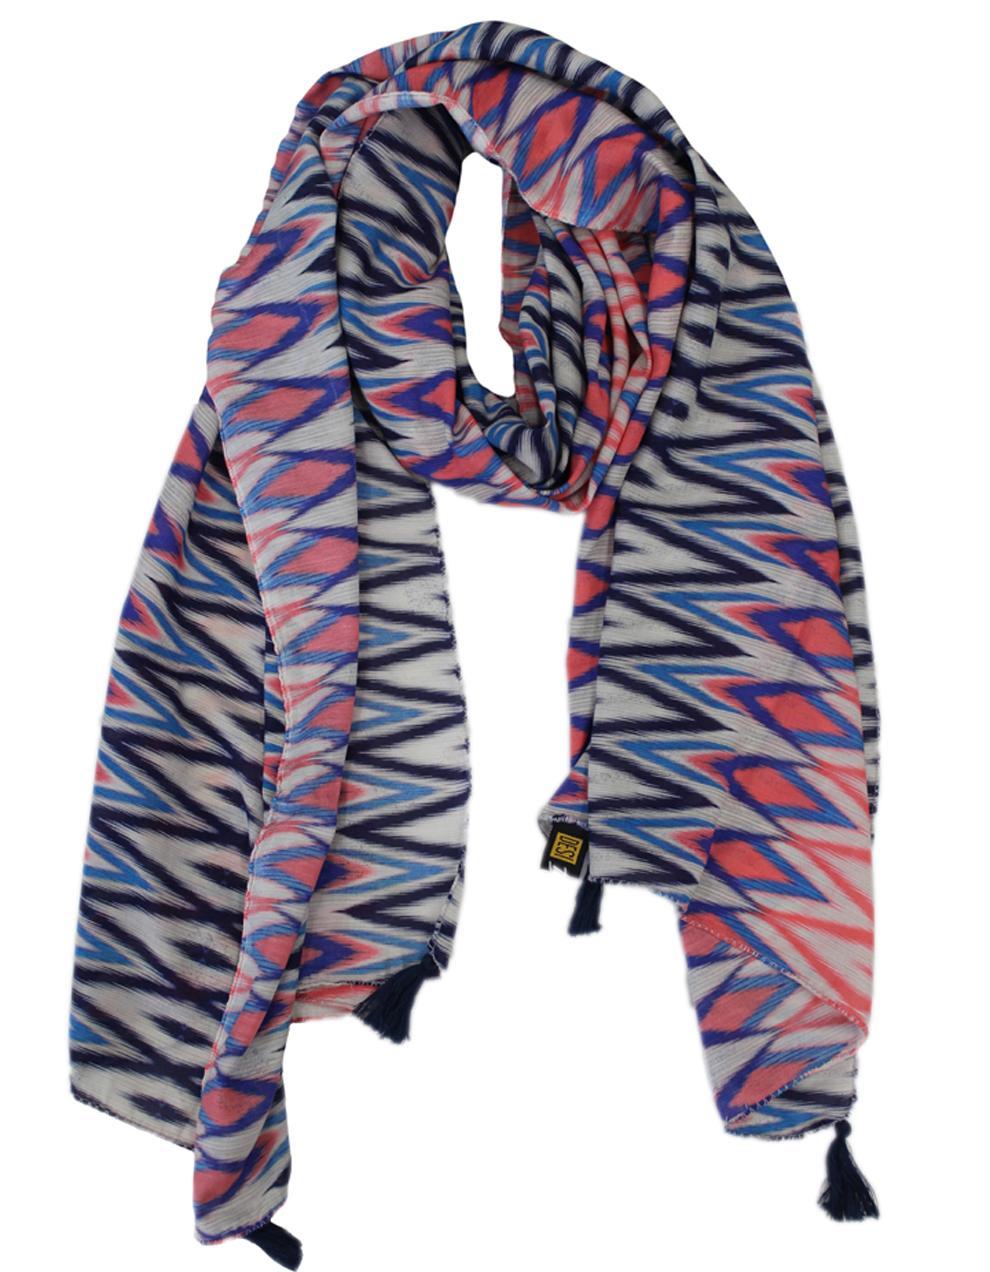 Multicolor Viscose Printed Scarf 68